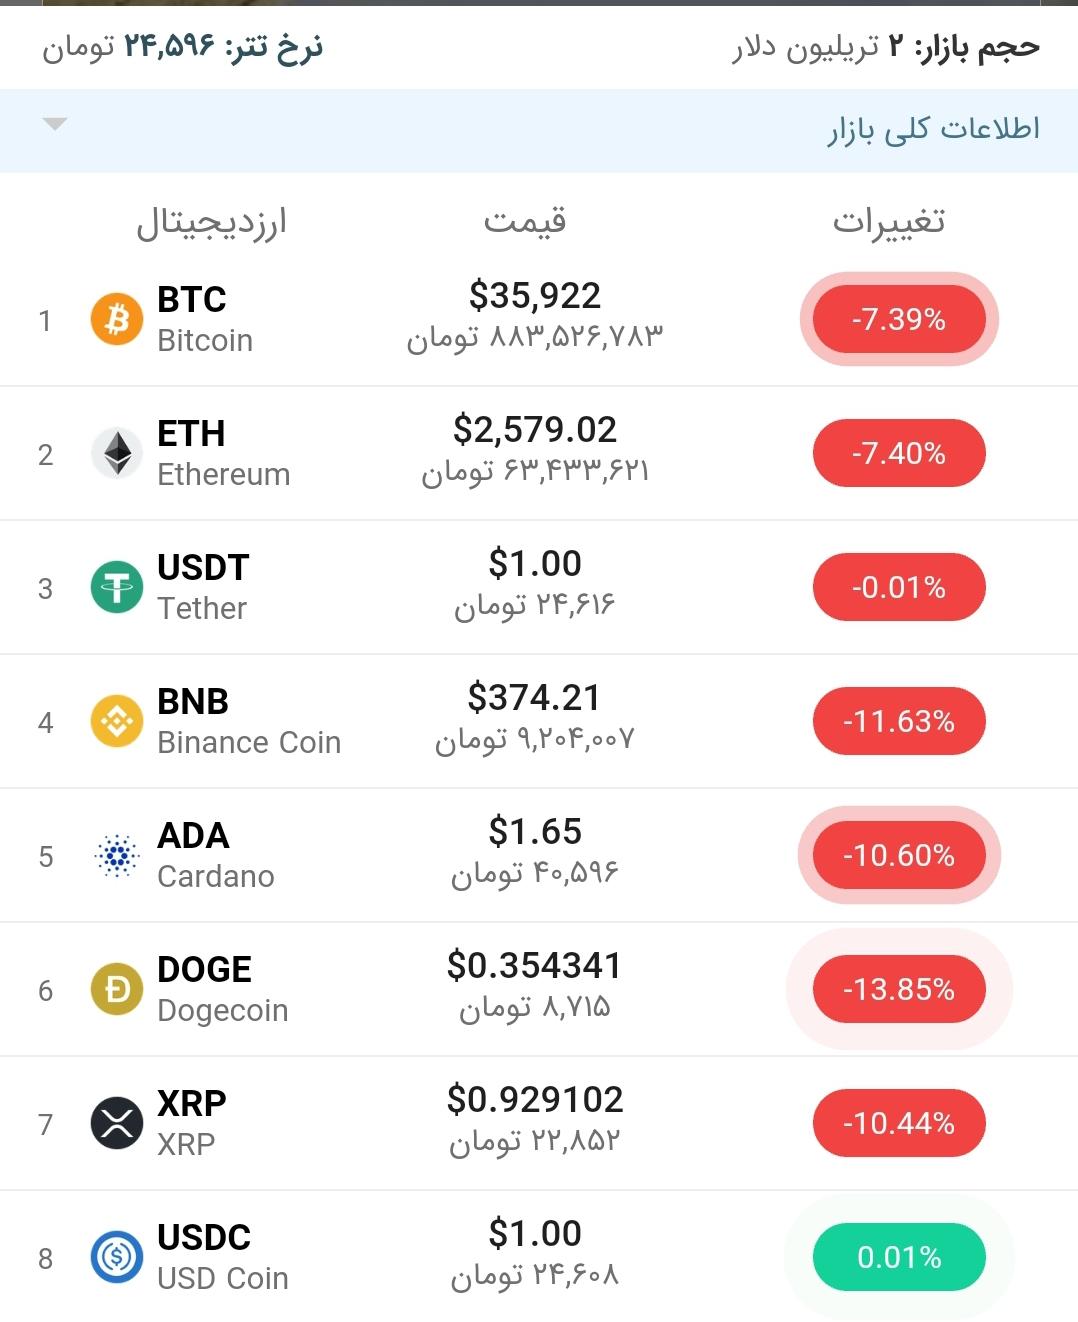 قیمت بیت کوین امروز ۱۴ خرداد ۱۴۰۰